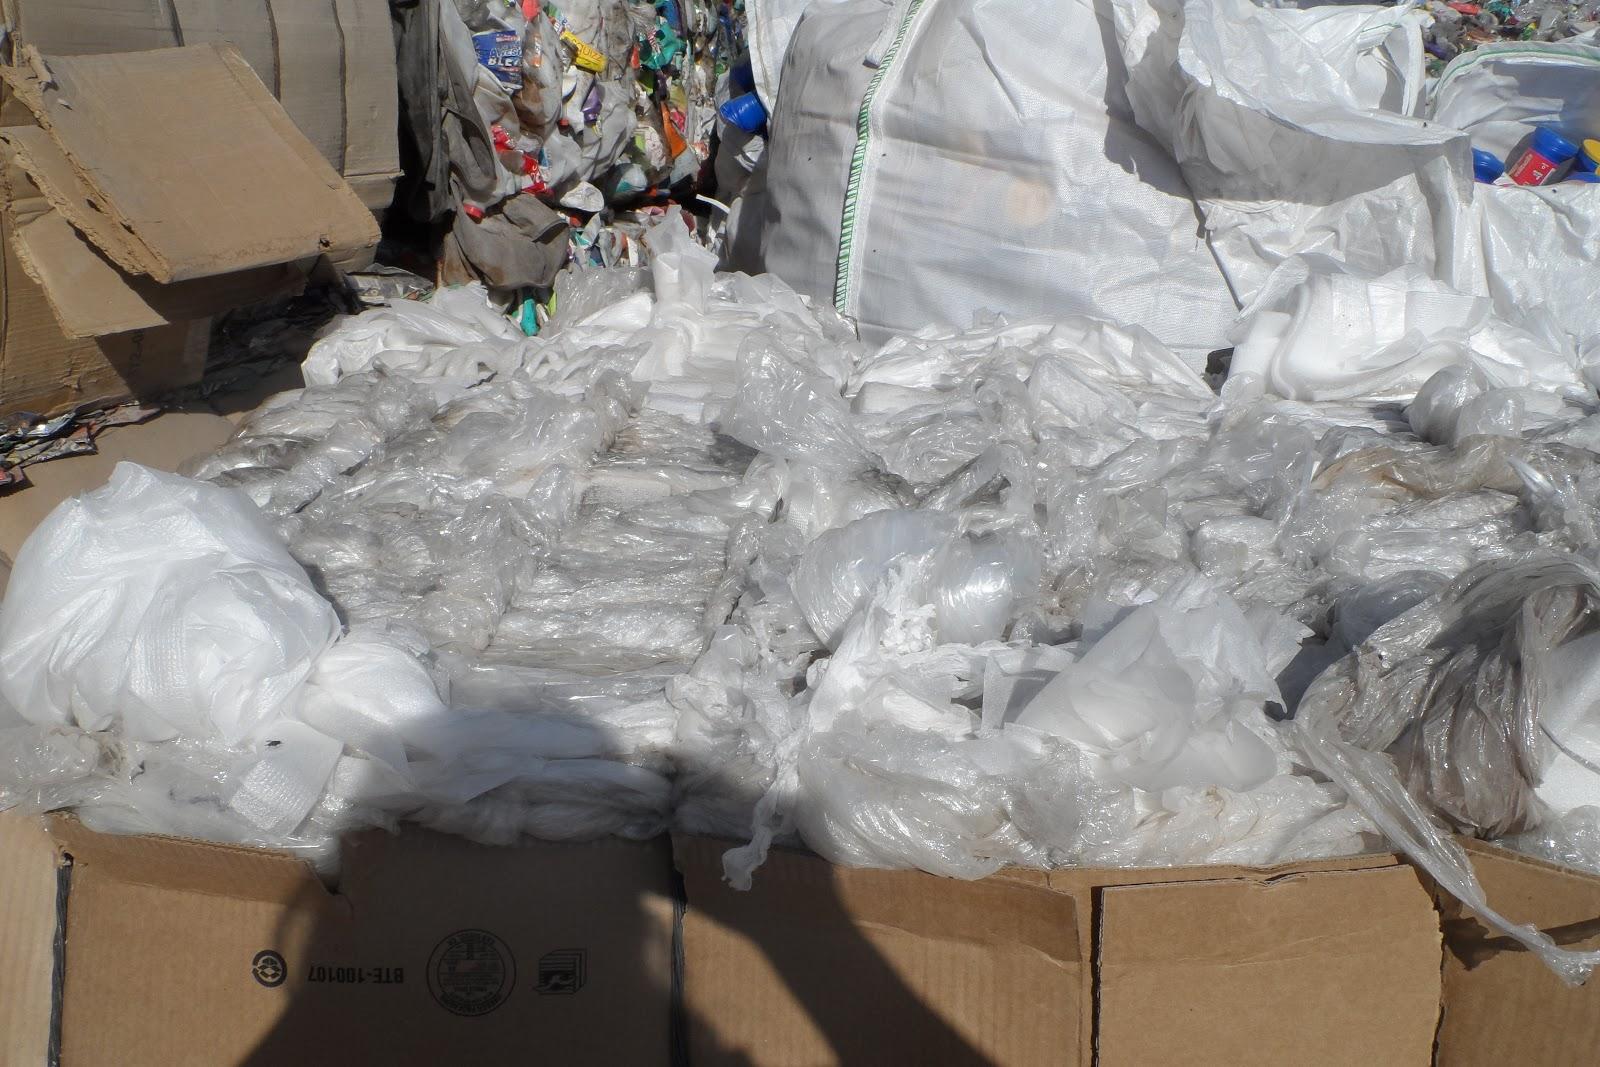 Reciclaje en la basura nada es basura for Reciclar muebles de la basura